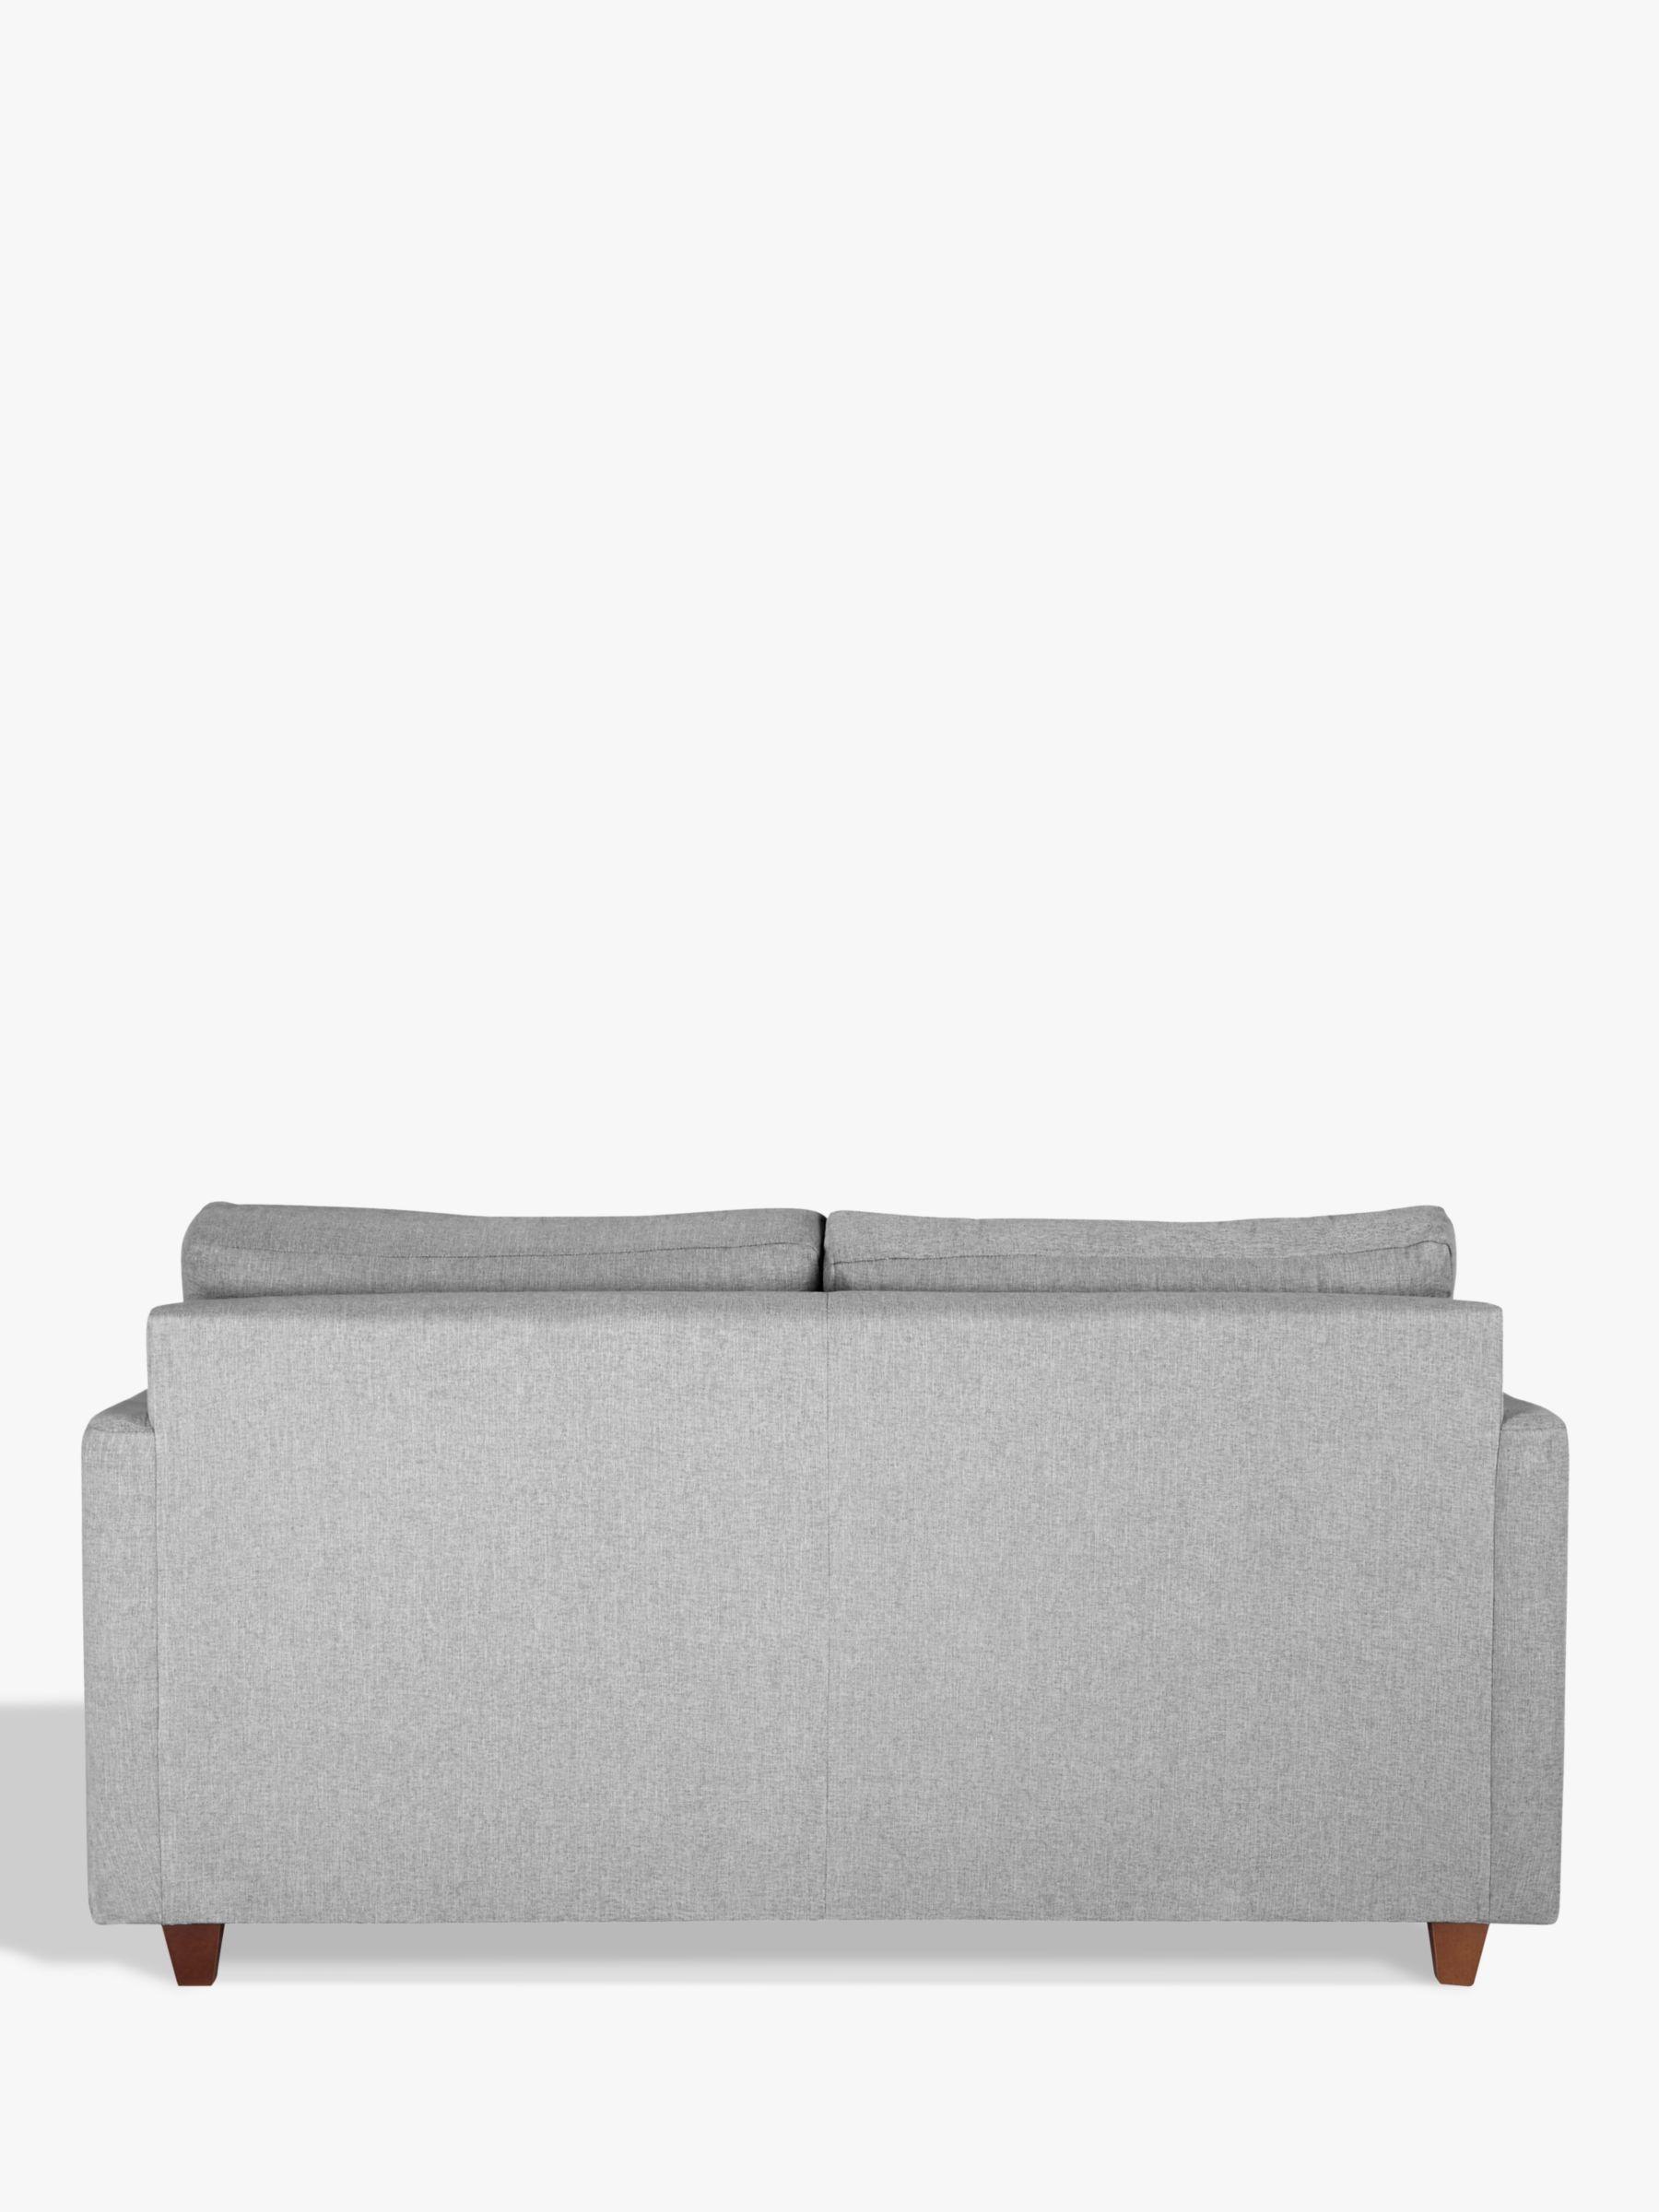 Made Marl Grey Sofa Bed Sofa Bed Grey Sofa Bed Foam Mattress